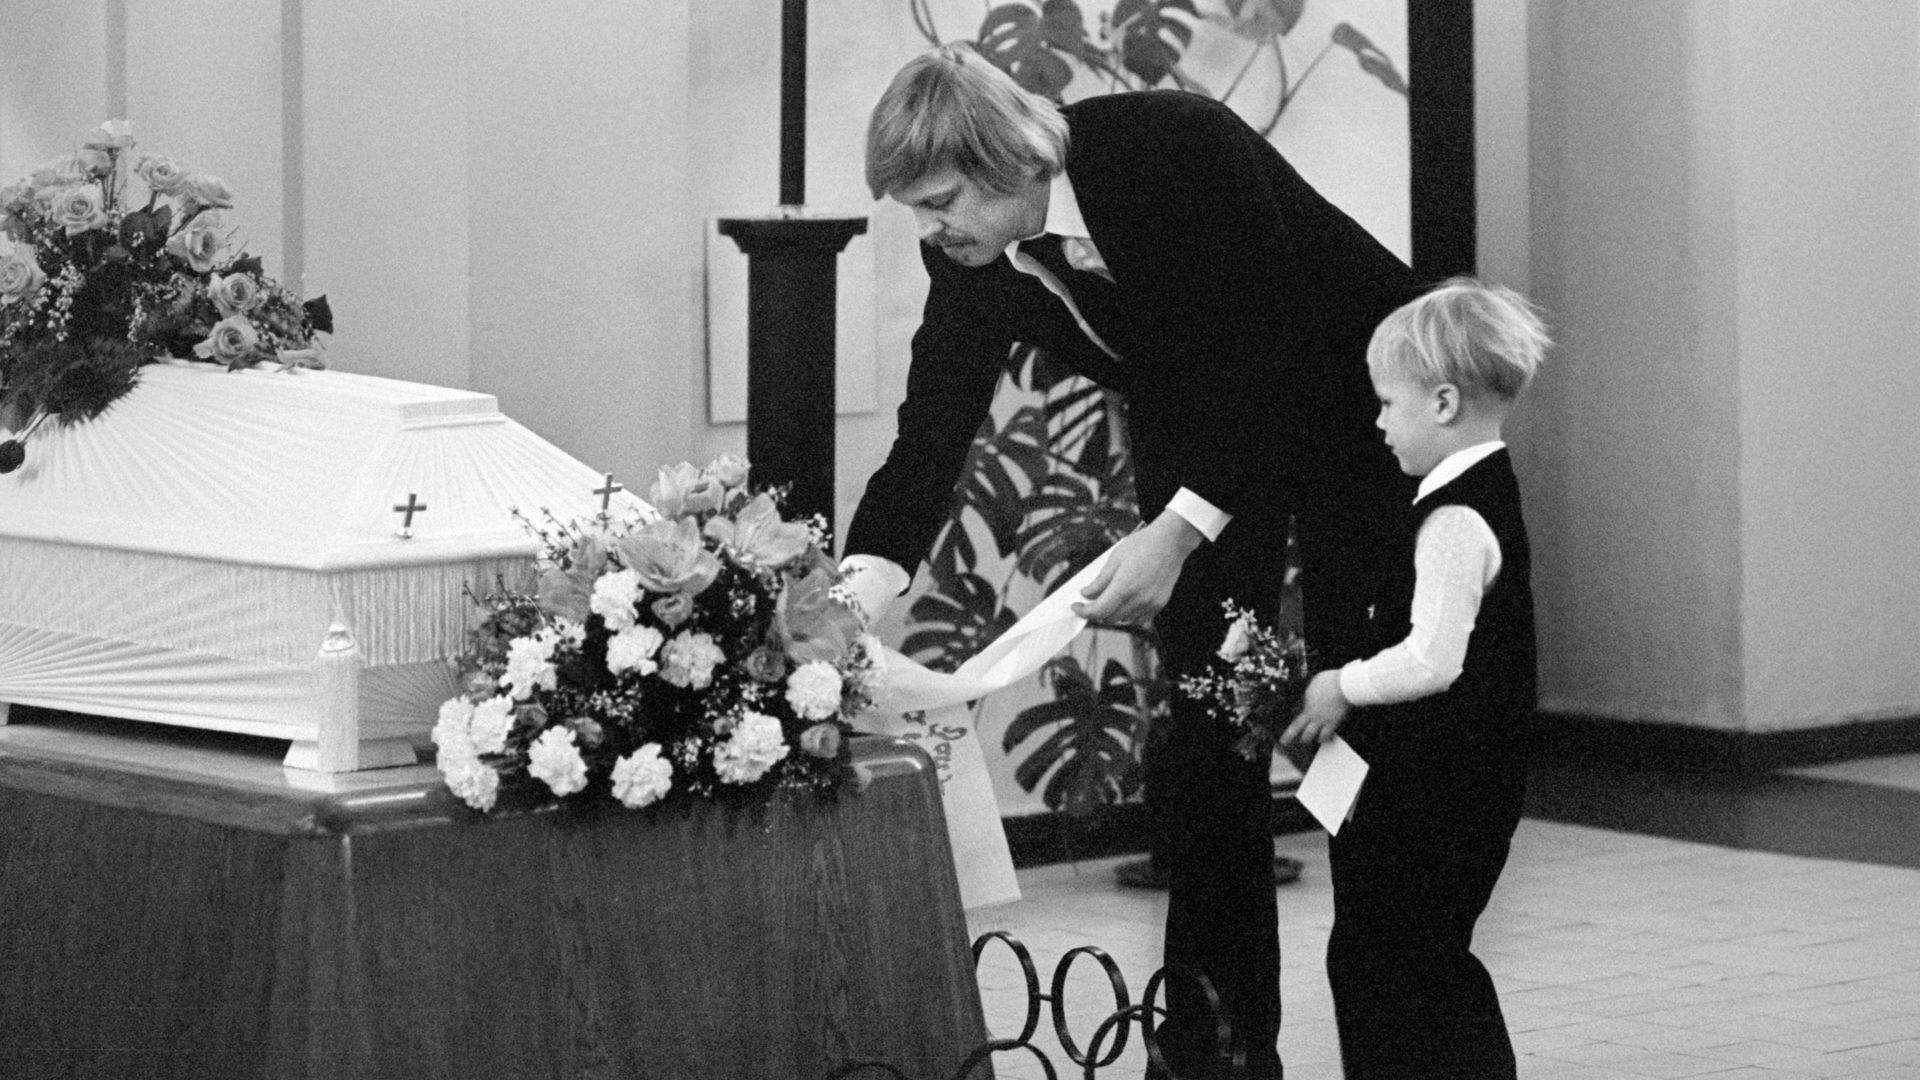 Vuonna 1977 Vesa-Matti Loiri laski vaimonsa Mona Loirin hautajaisissa kukkia arkulle heidän poikansa Janin kanssa.